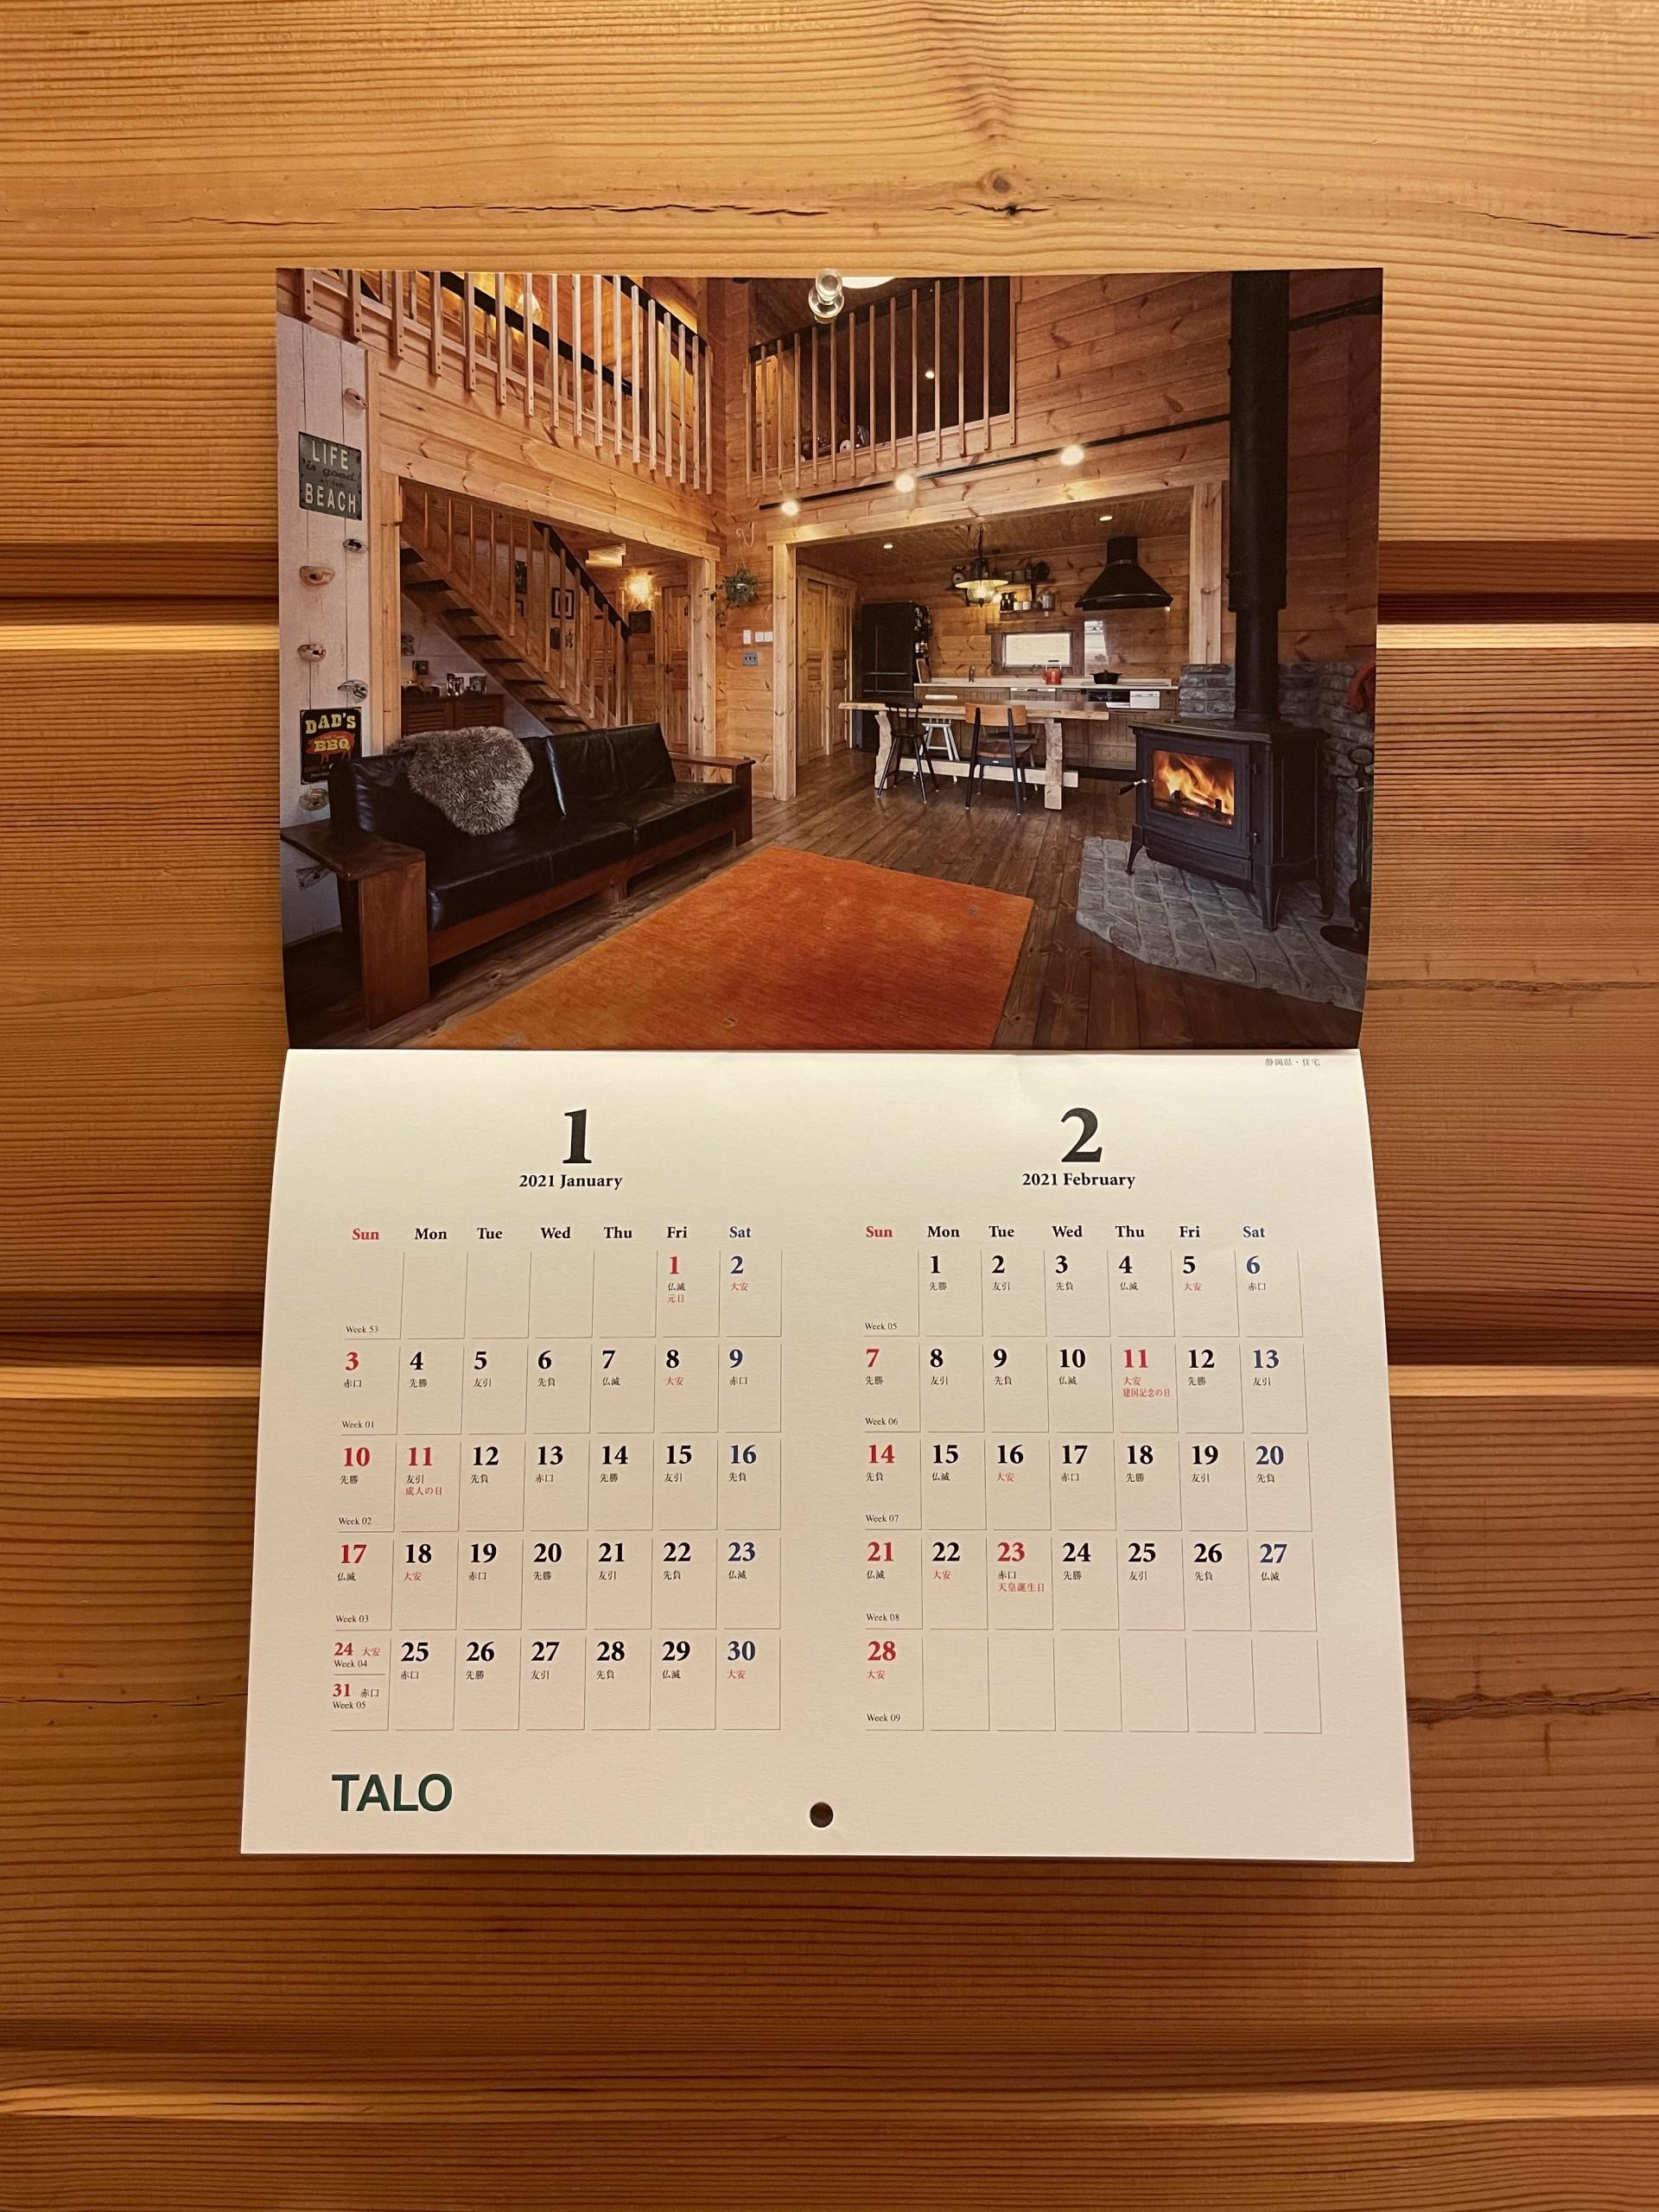 TALOログハウスカレンダー2021 完成しました!